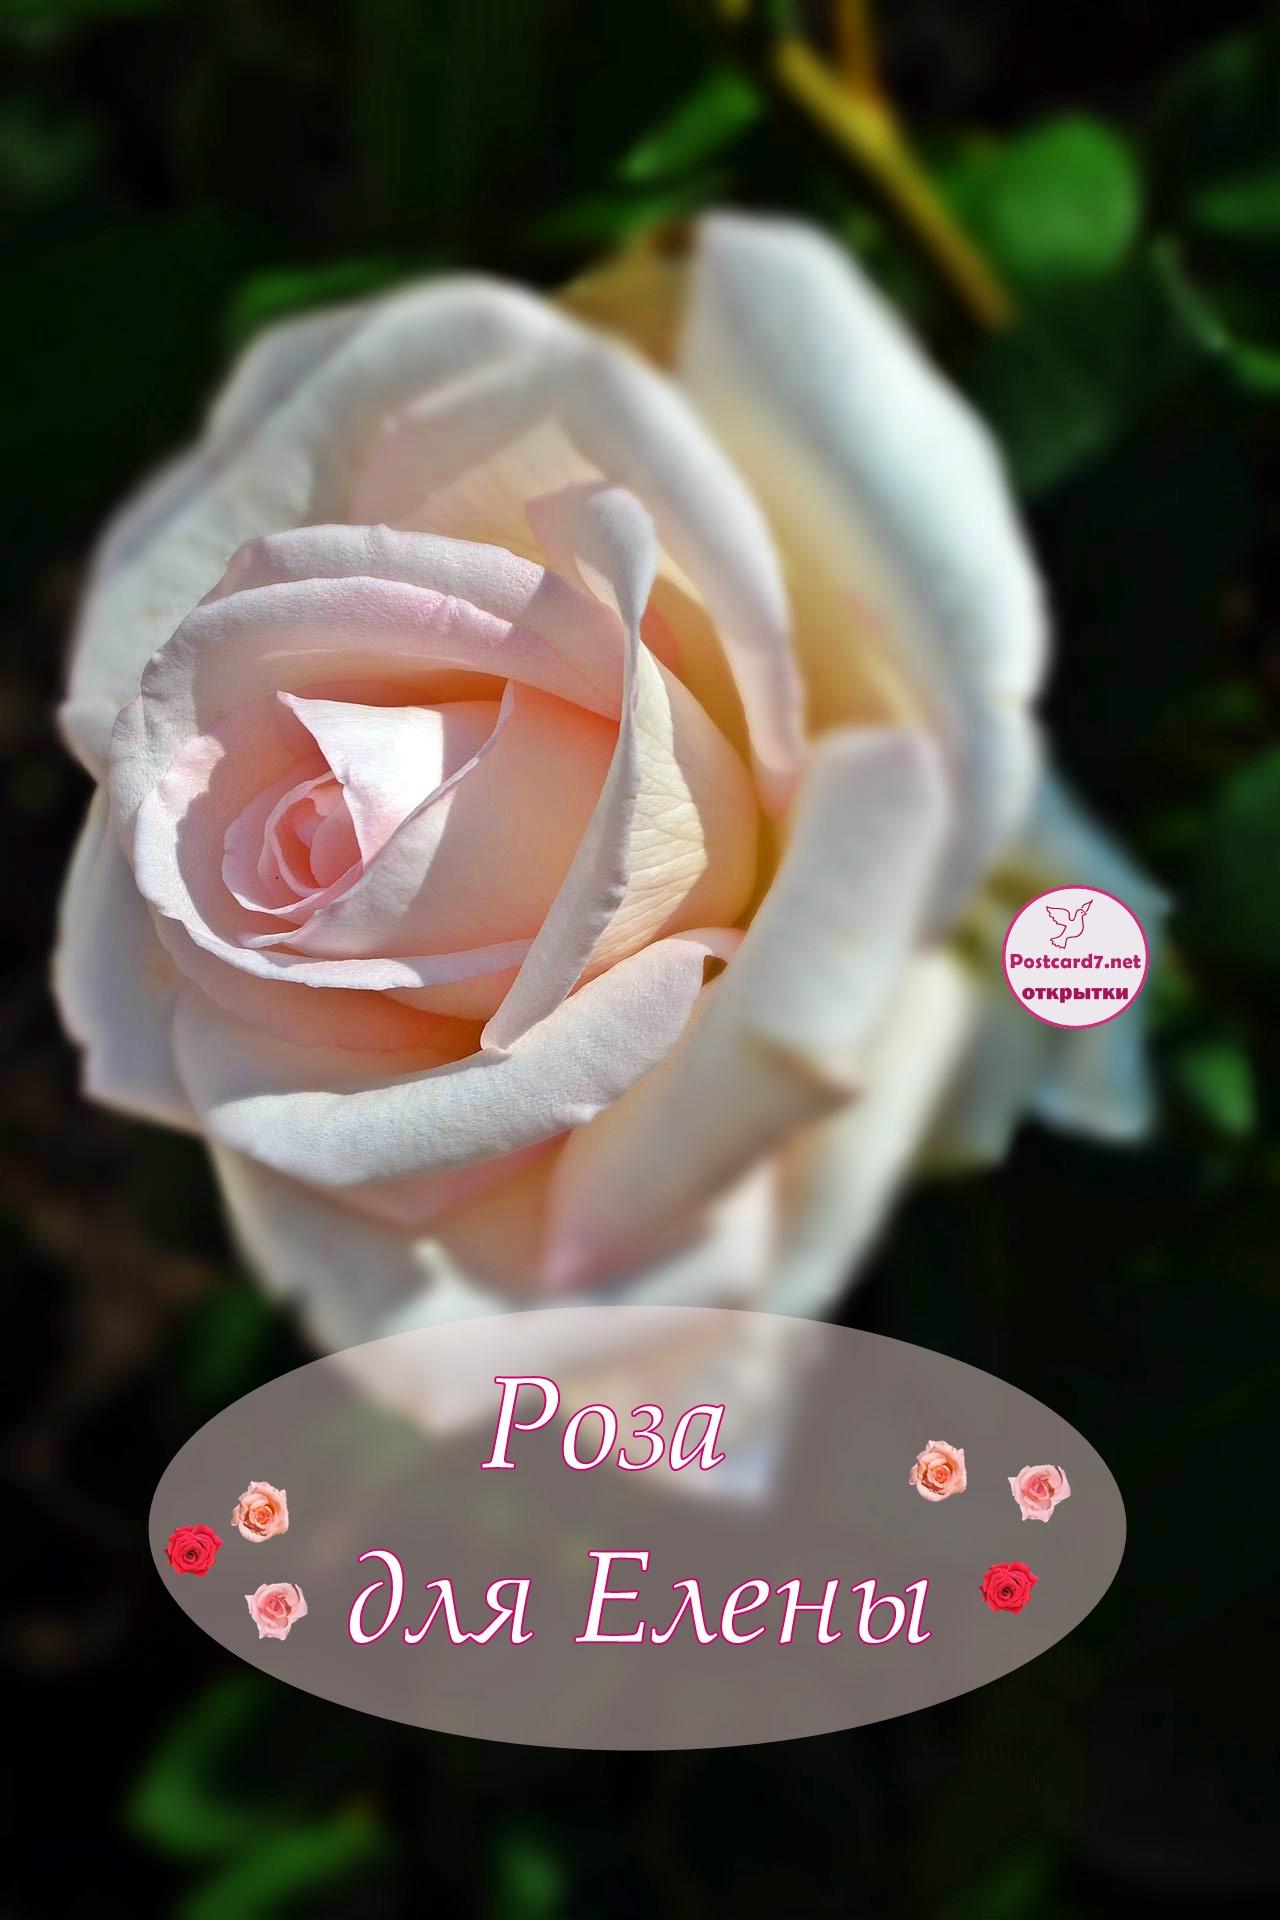 Светло-розовая роза для Елены, именная открытка